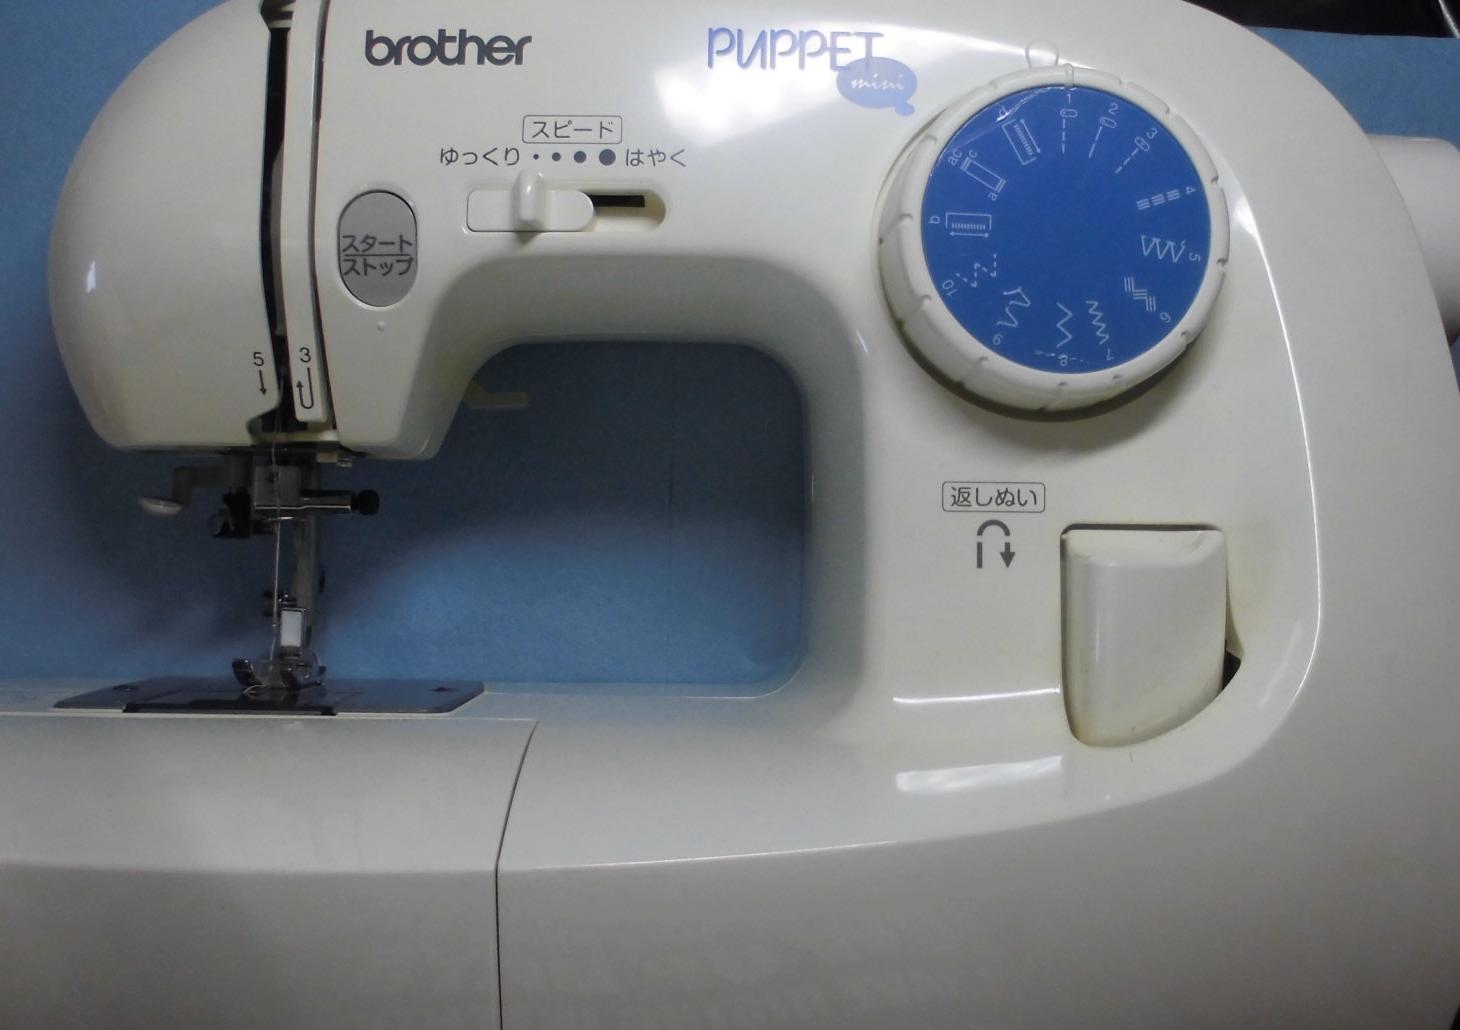 ブラザーミシン修理|EL125 PUPPETmini|下糸をすくわない、縫えない、釜ずれ